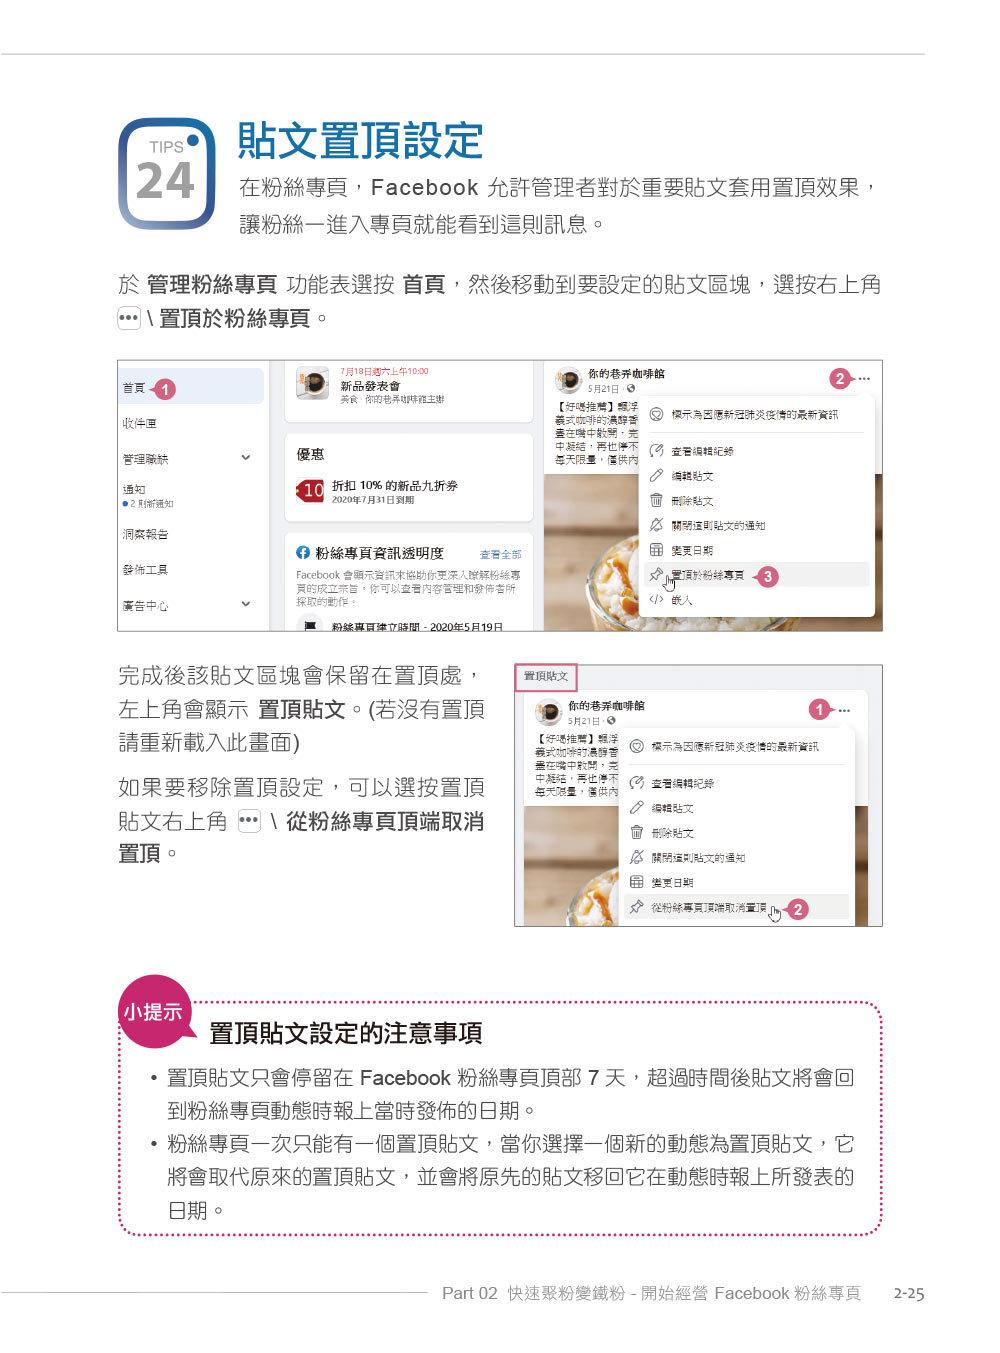 超人氣 FB + IG + LINE 社群經營與行銷力:用 225招快速聚粉,飆升流量變業績!-preview-2